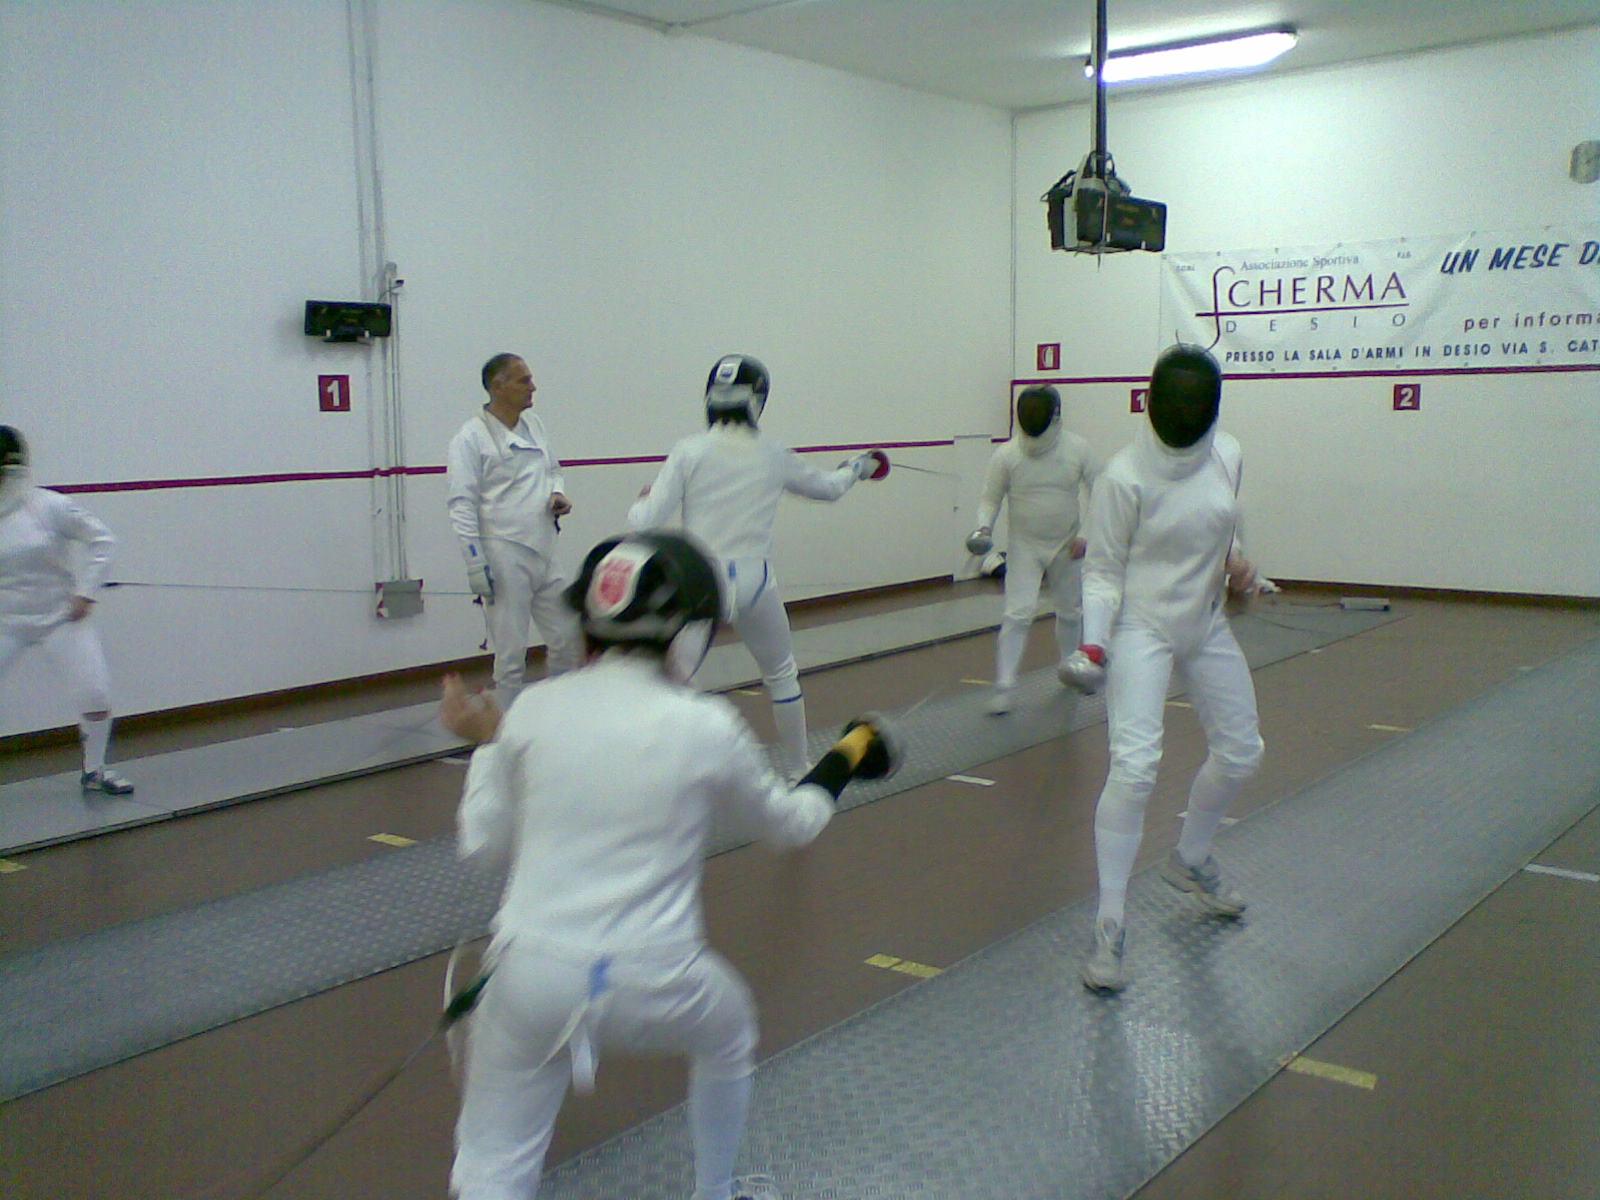 allenamento-intersala-spm-f-1-2007-17